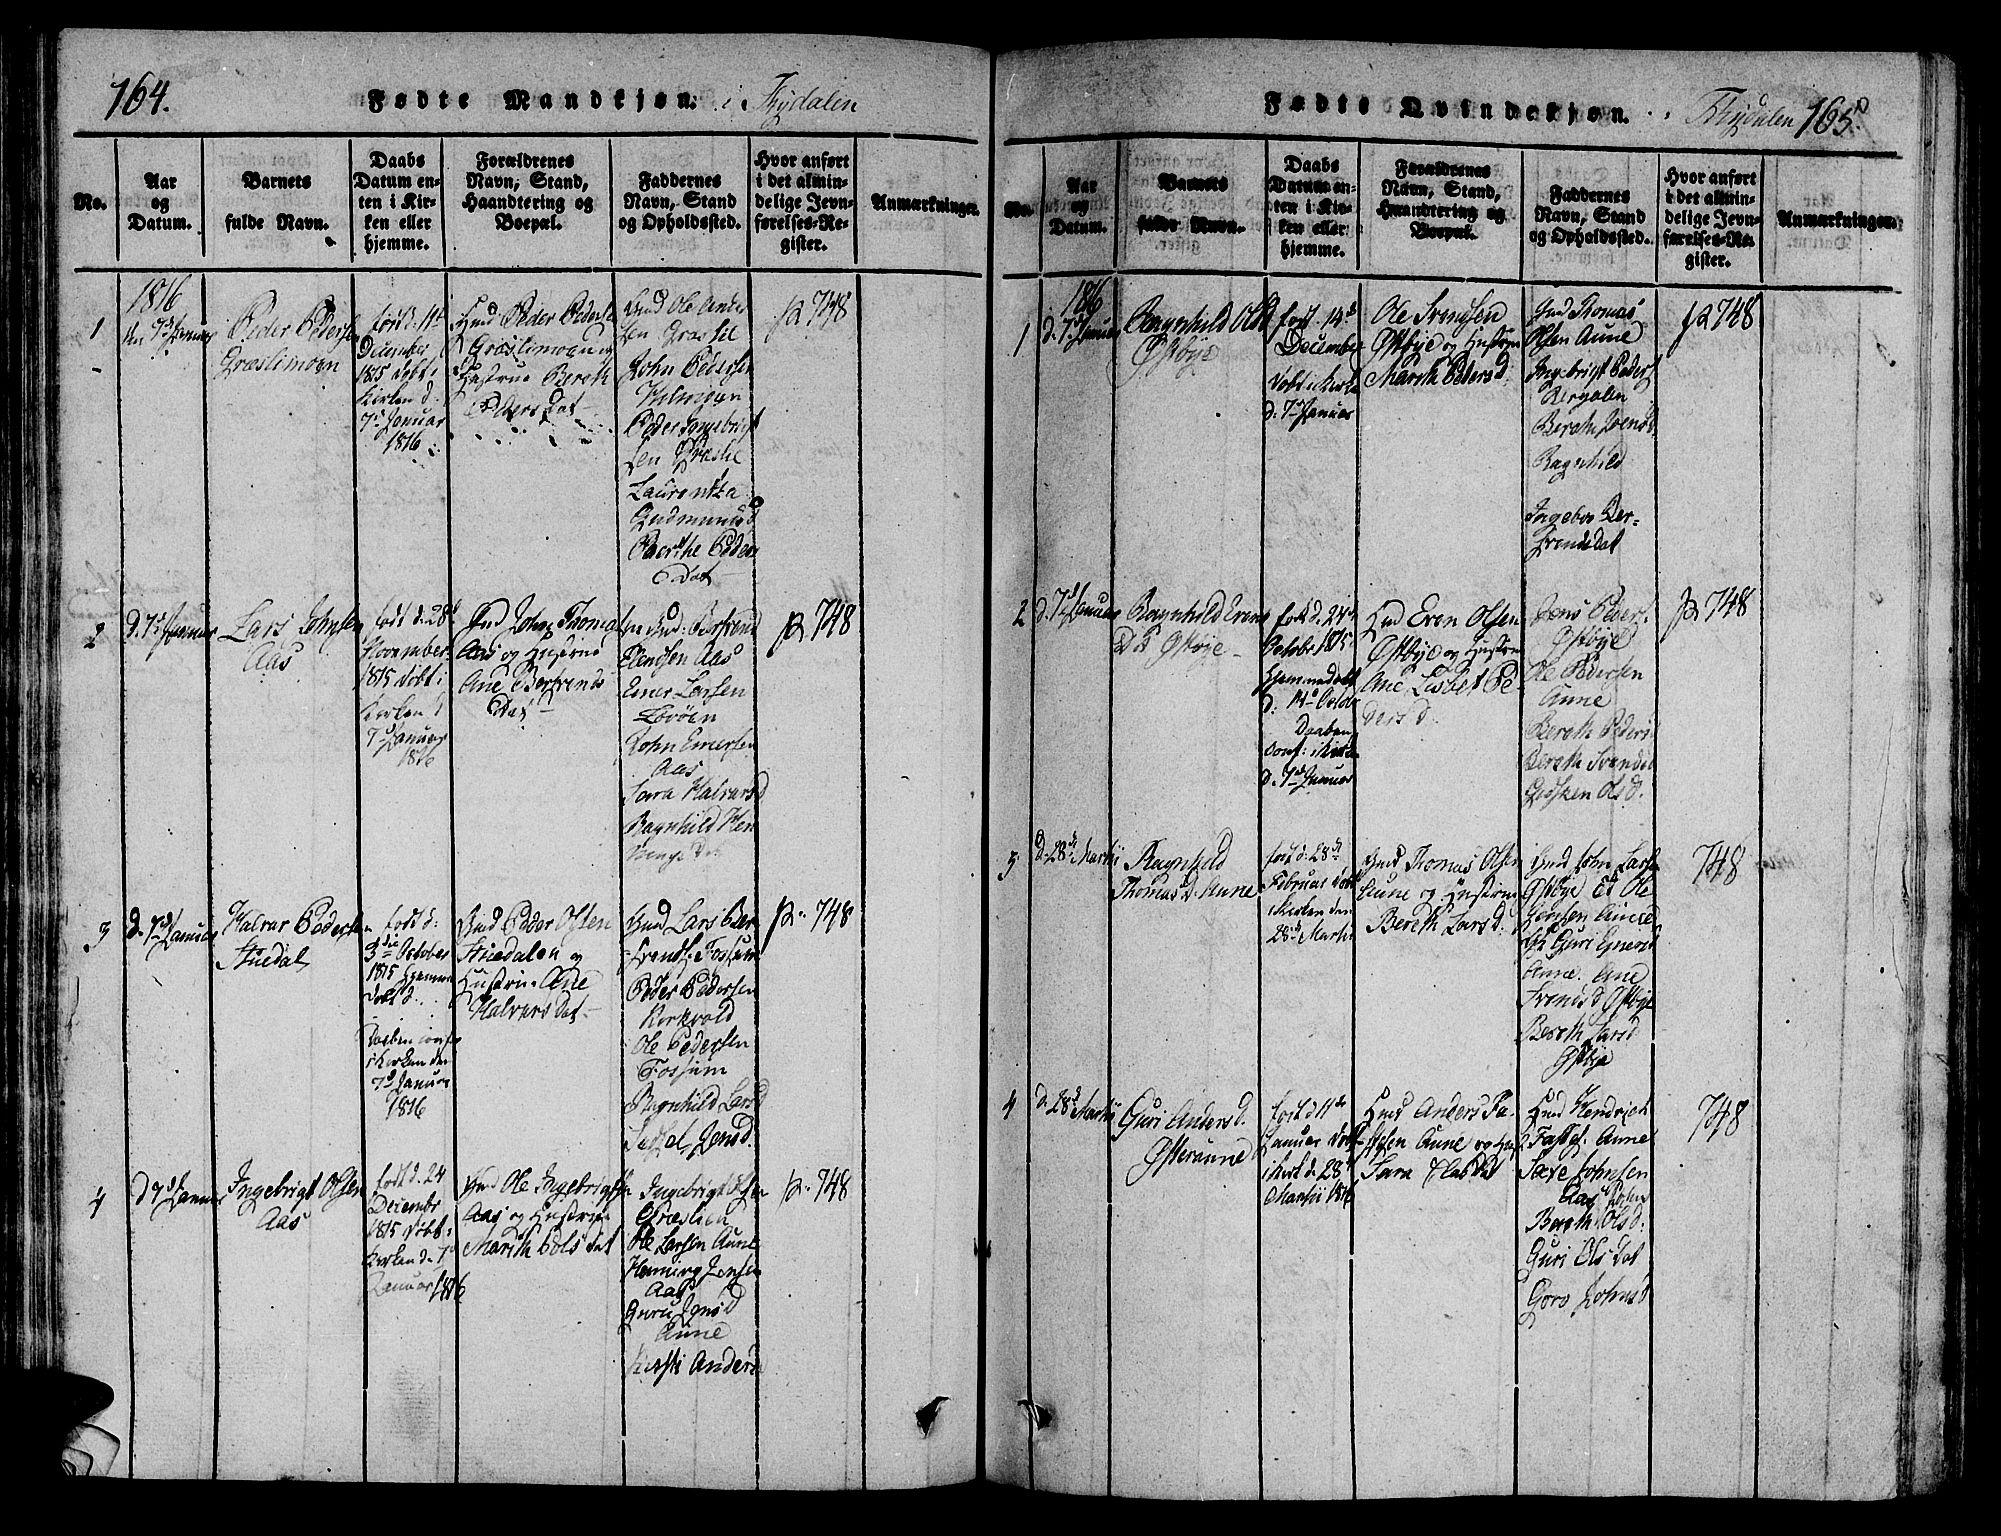 SAT, Ministerialprotokoller, klokkerbøker og fødselsregistre - Sør-Trøndelag, 695/L1142: Ministerialbok nr. 695A04 /2, 1816-1824, s. 164-165